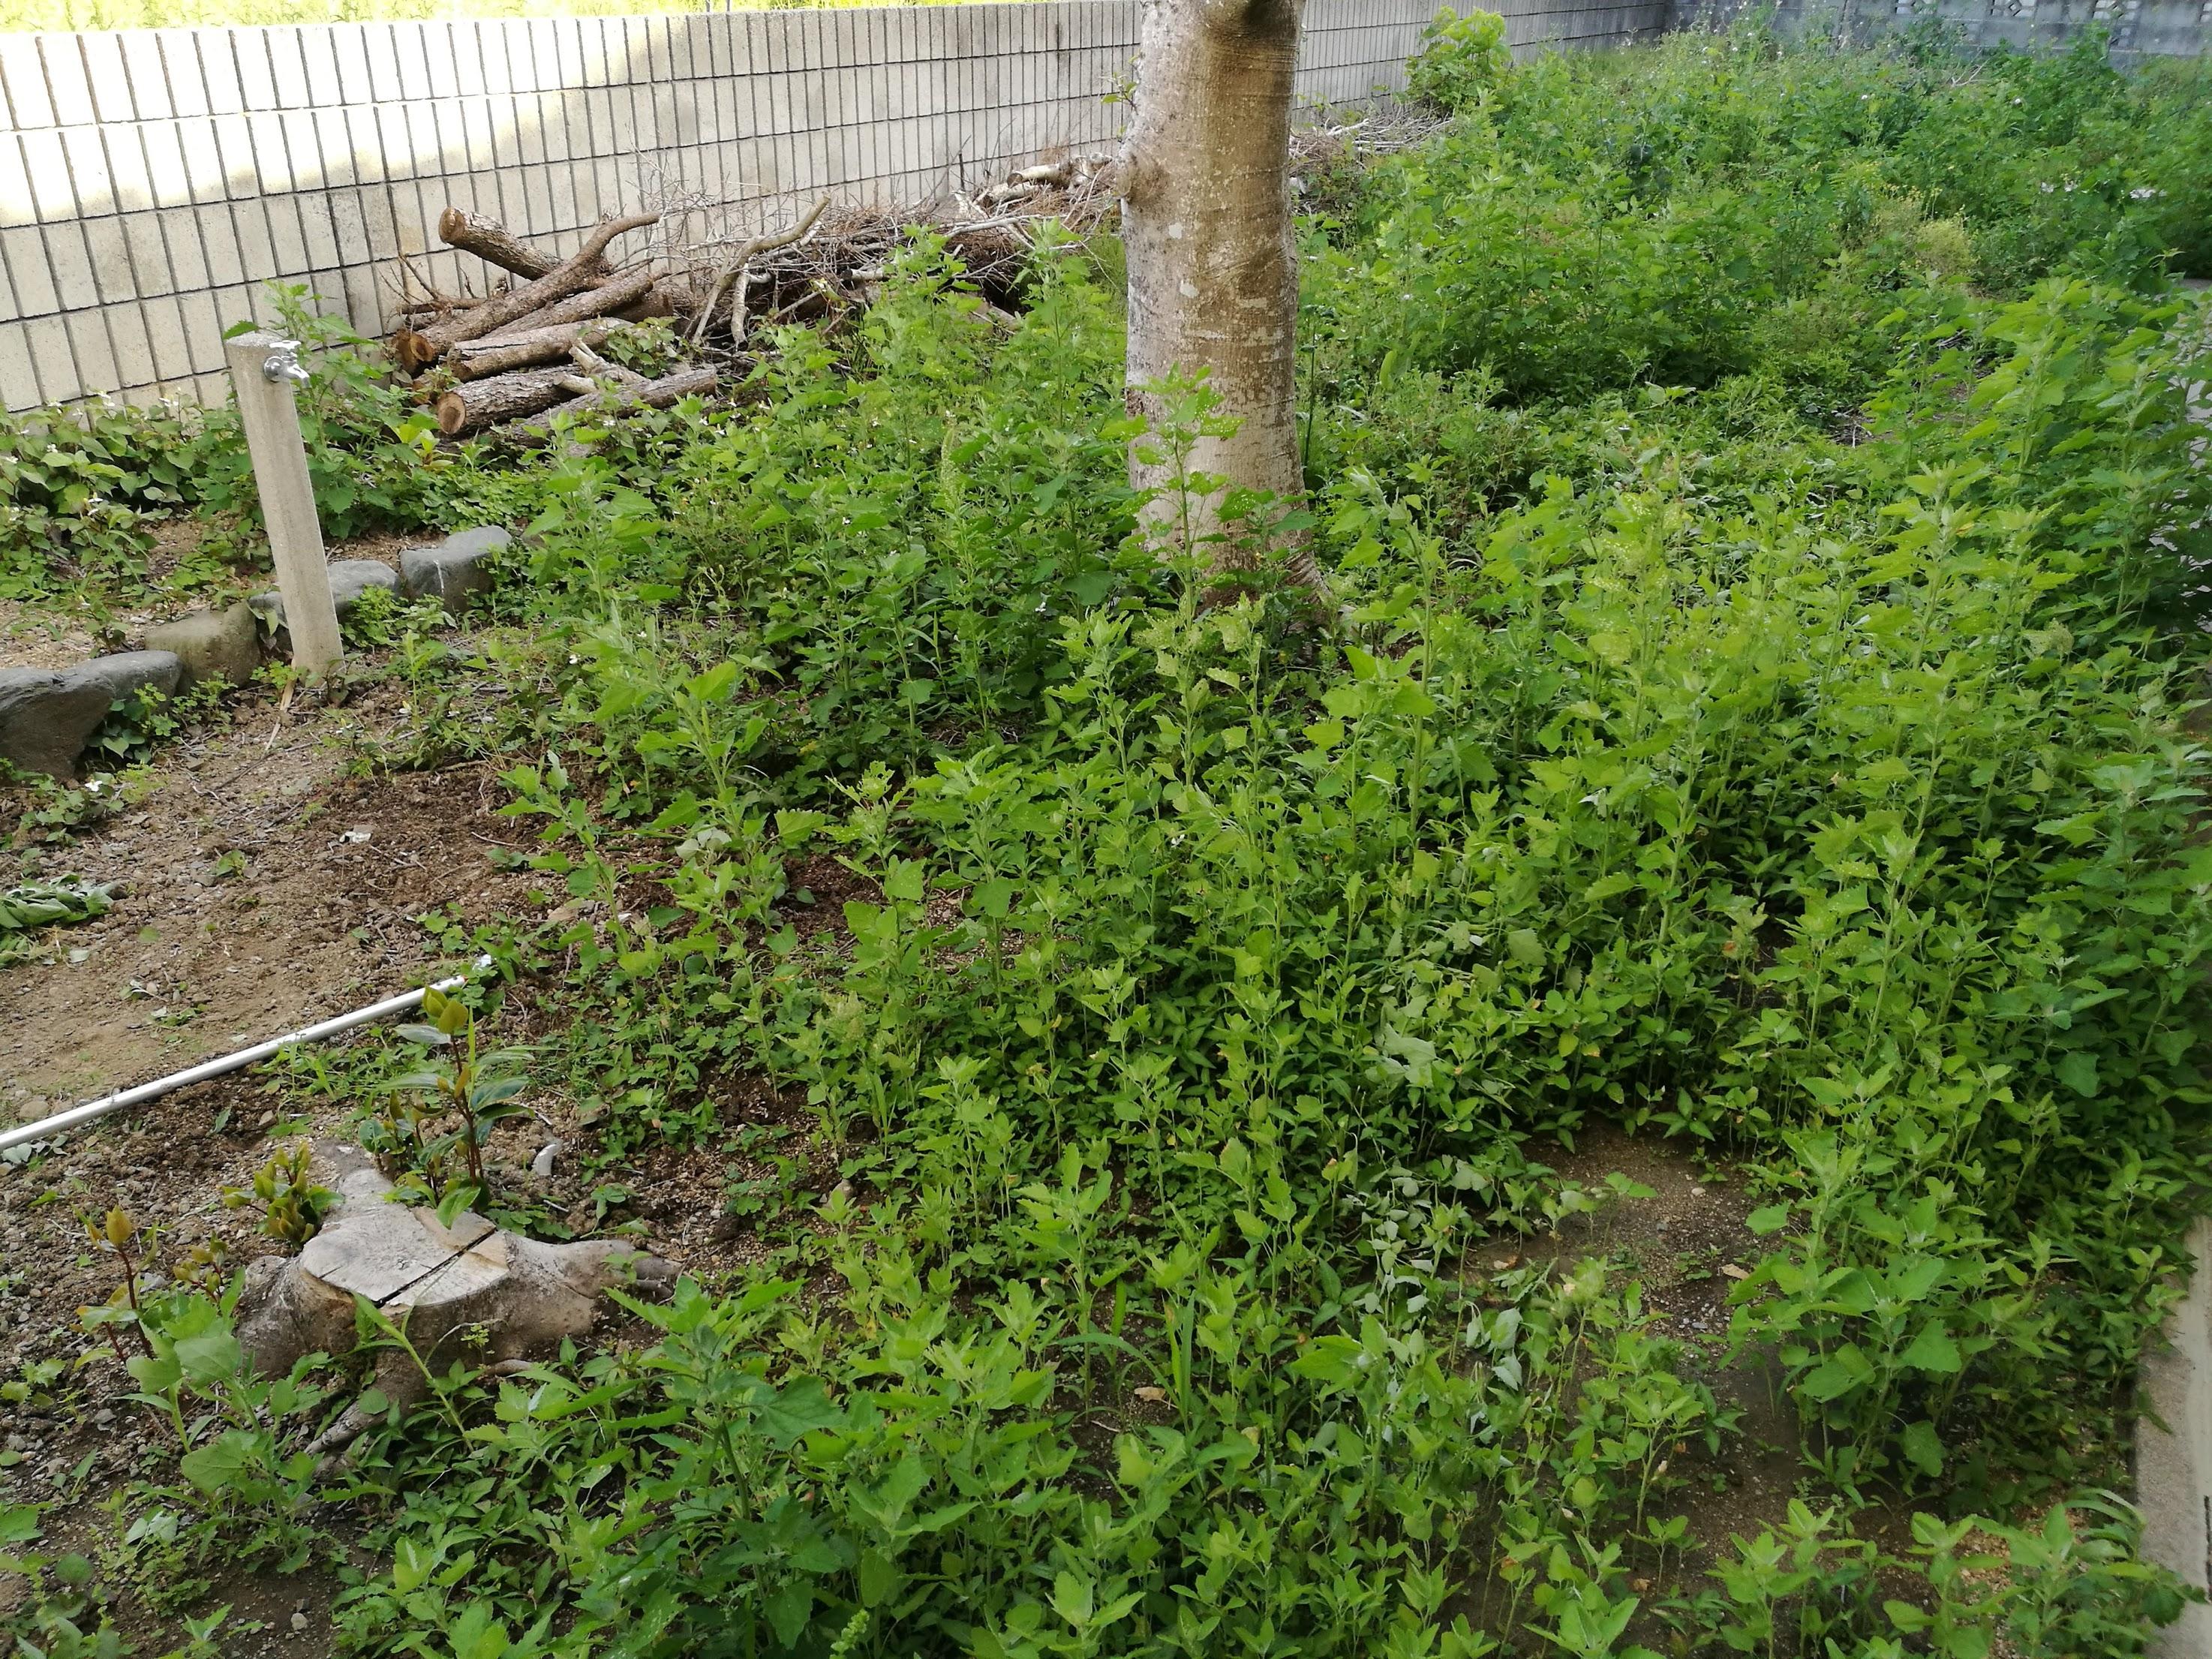 除草剤(グリホサート系格安液タイプ&ネコソギ粒タイプ)の効果 夏 横庭 -1-